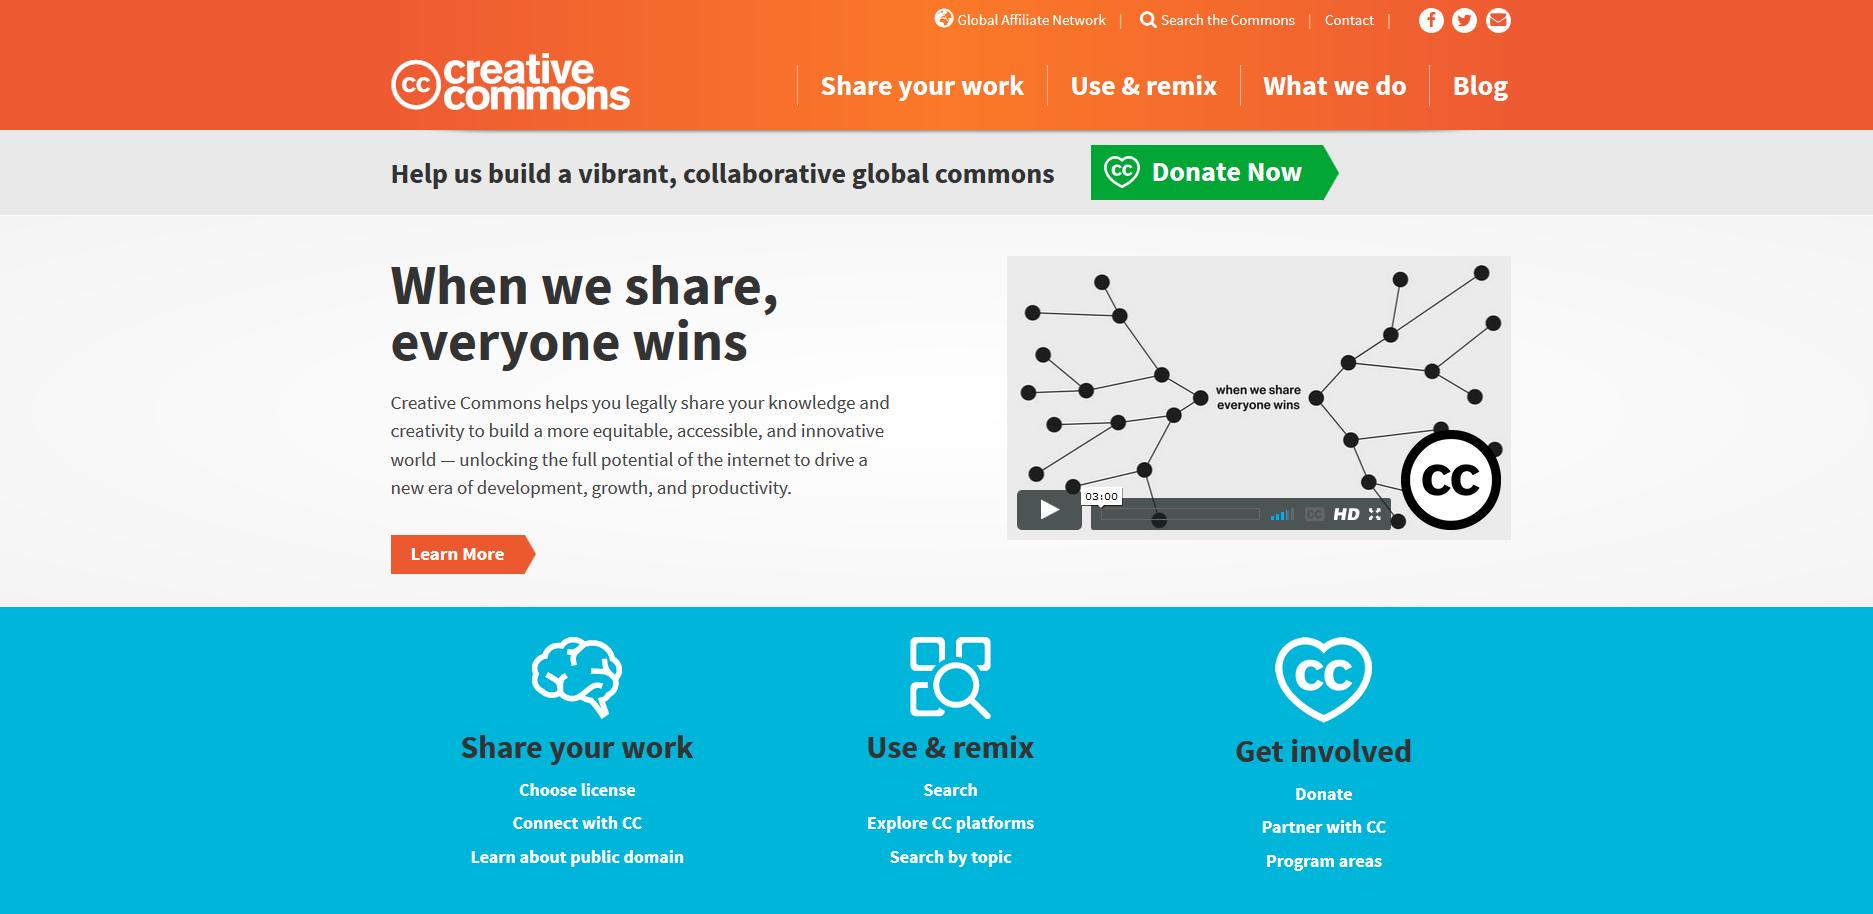 creative commons, jogtiszta fotók, ingyenes fotók, jogtiszta képek, ingyenes képek